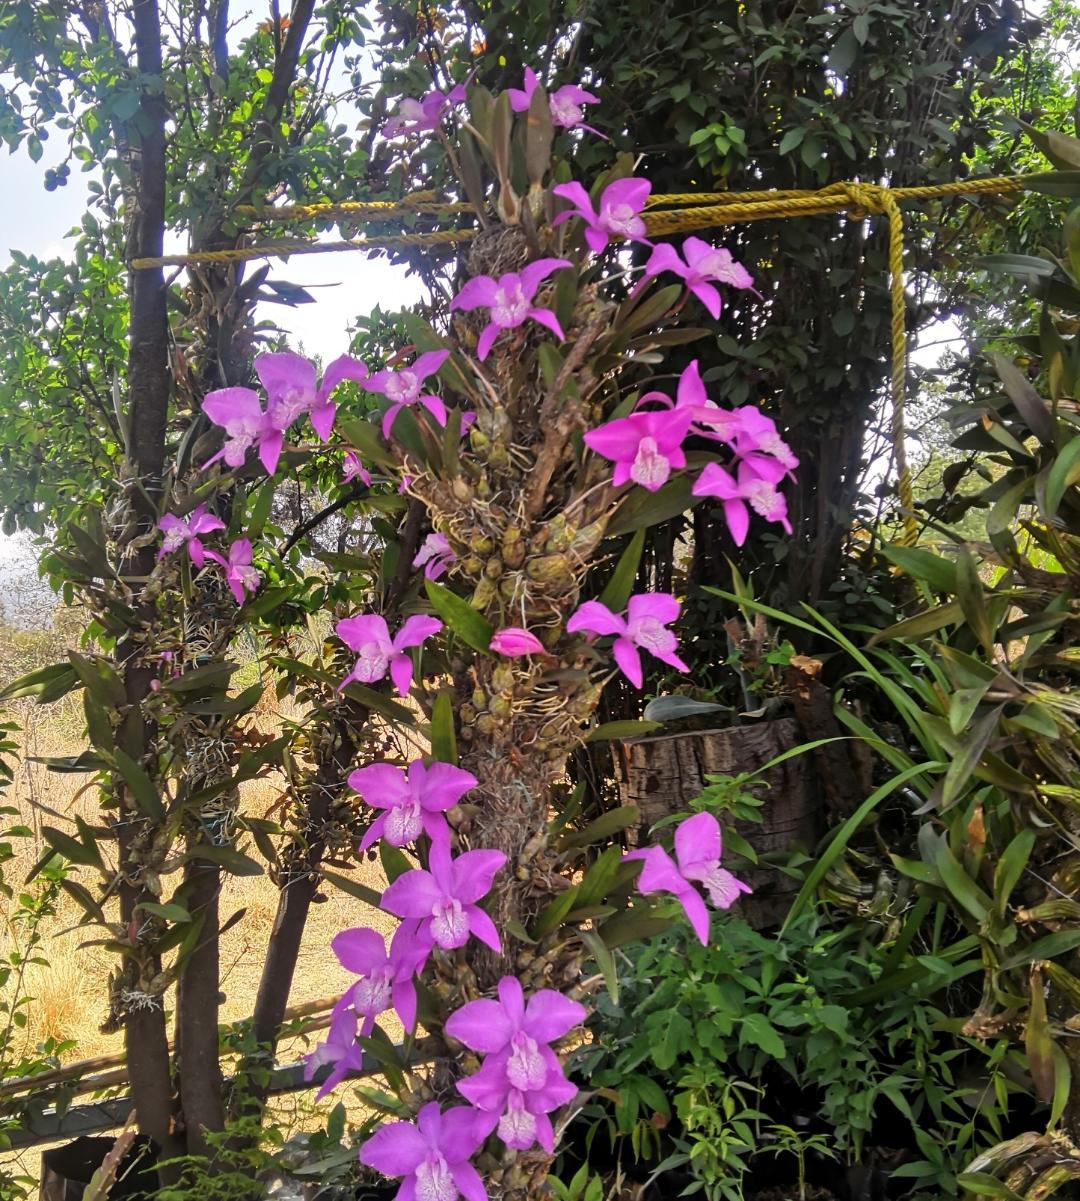 Uno de los fenómenos naturales más hermosos de Tlaxcala.